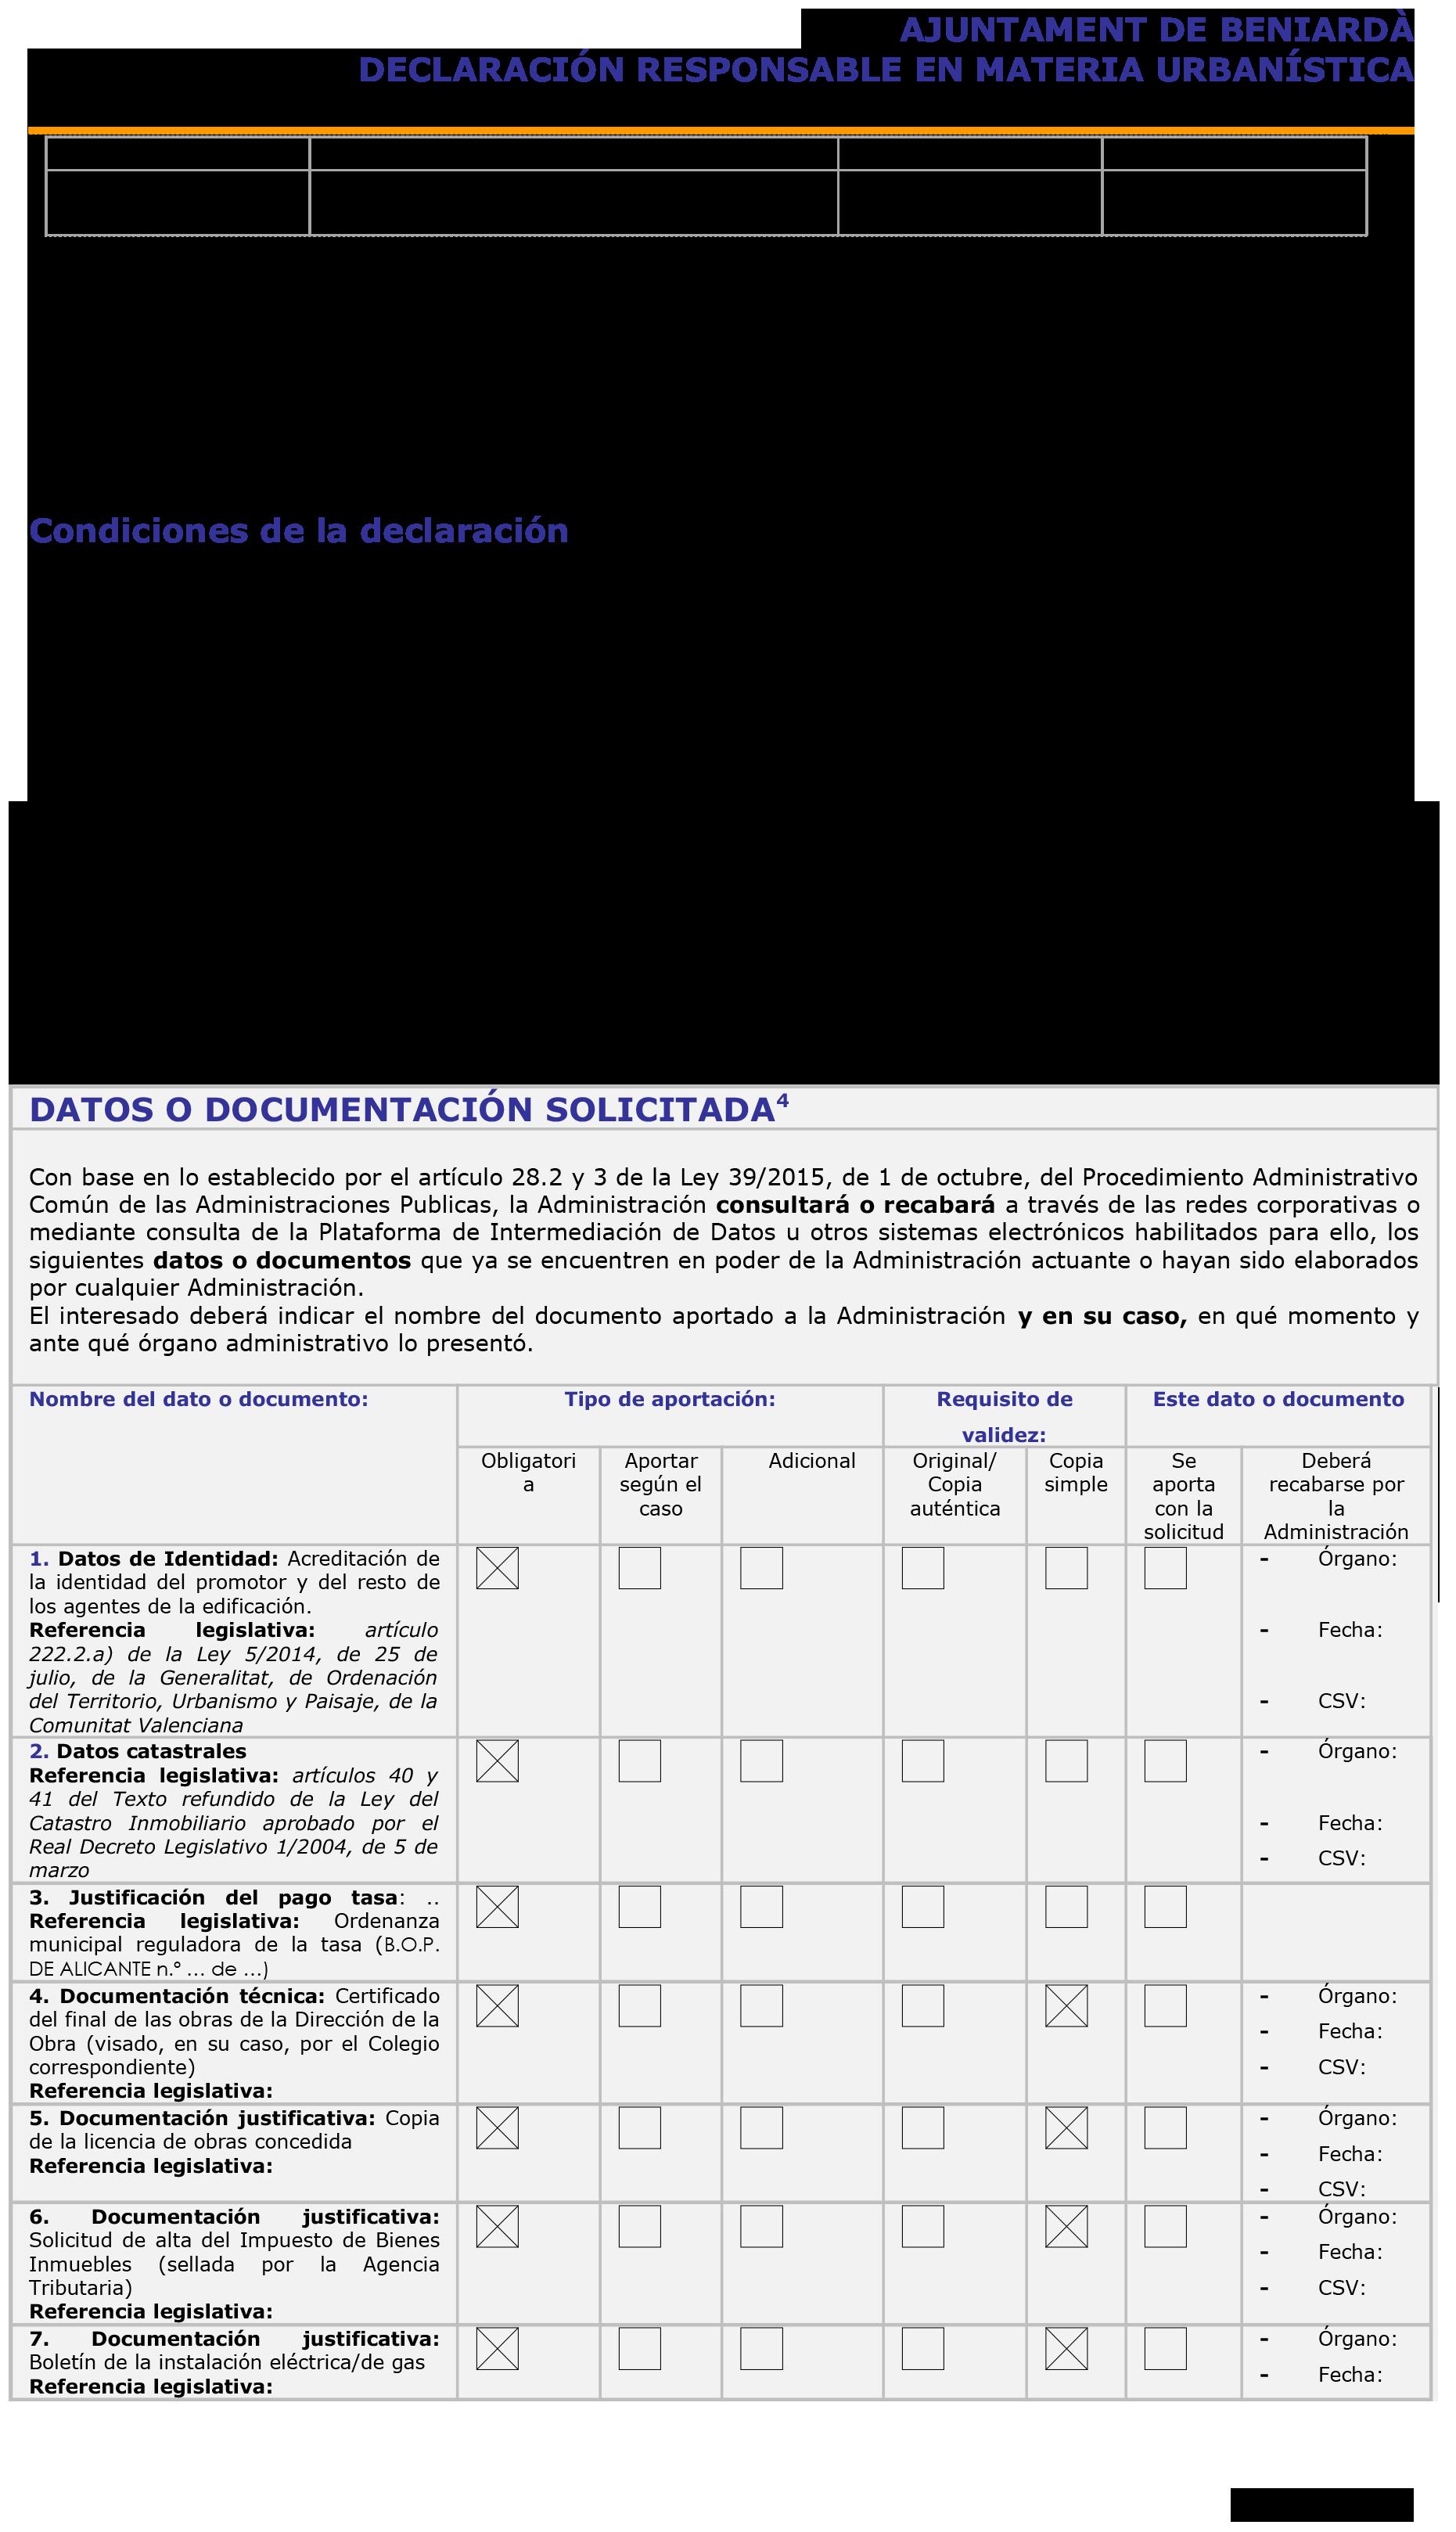 Impreso Declaración Responsable Segunda Ocupación - Beniardà 2